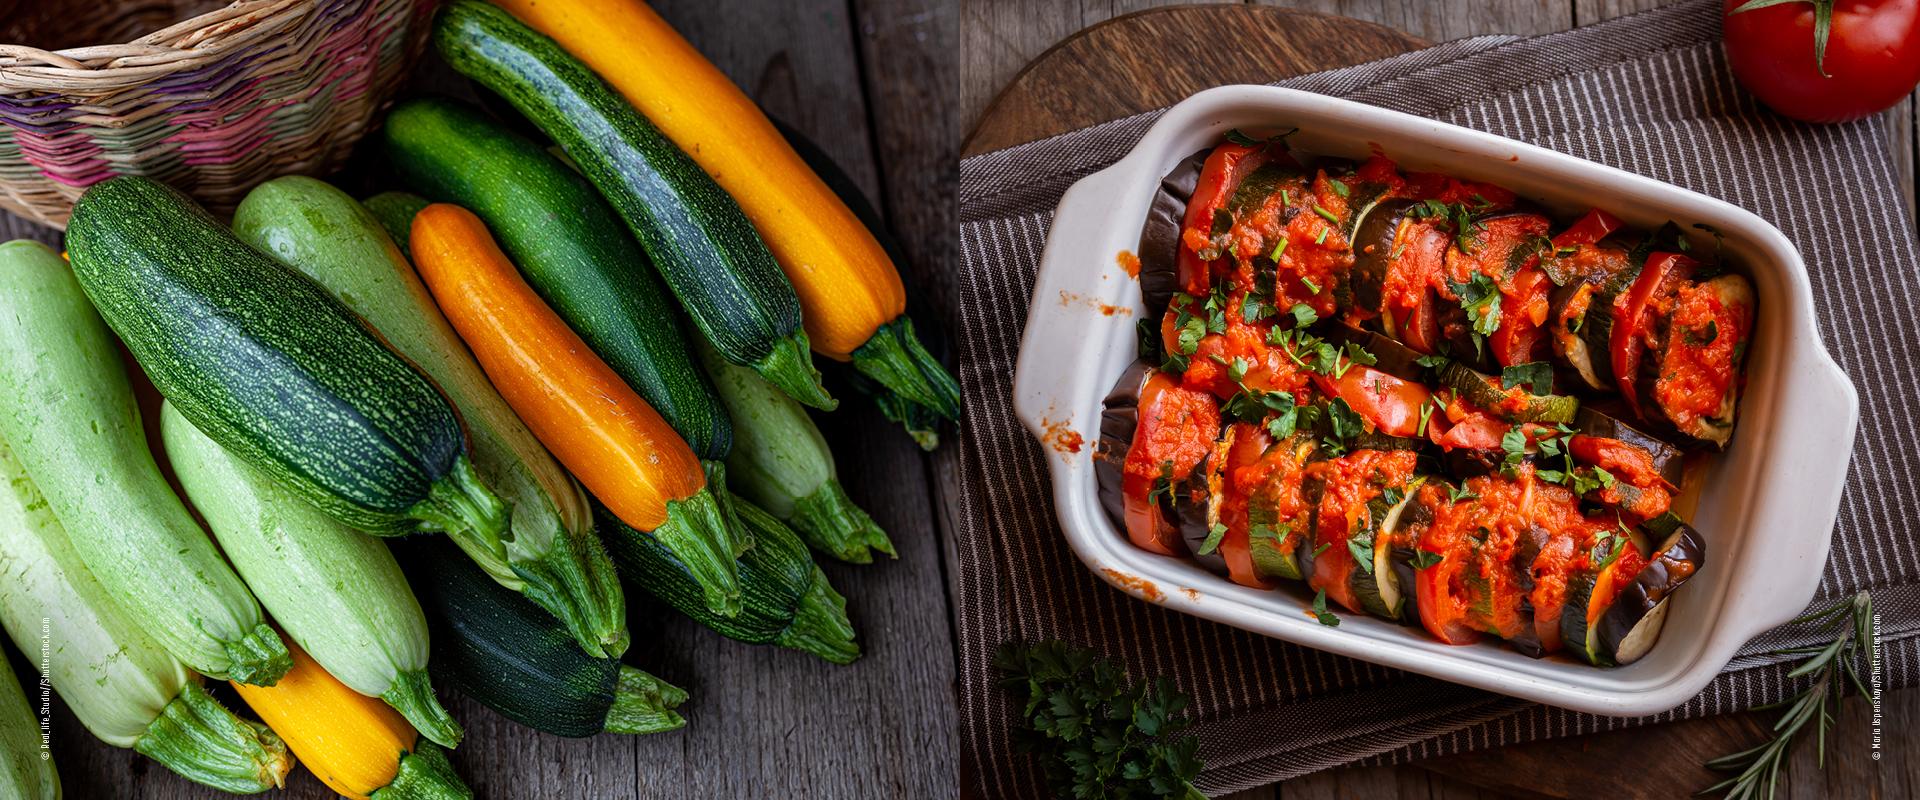 Ratatouille mit Zucchini